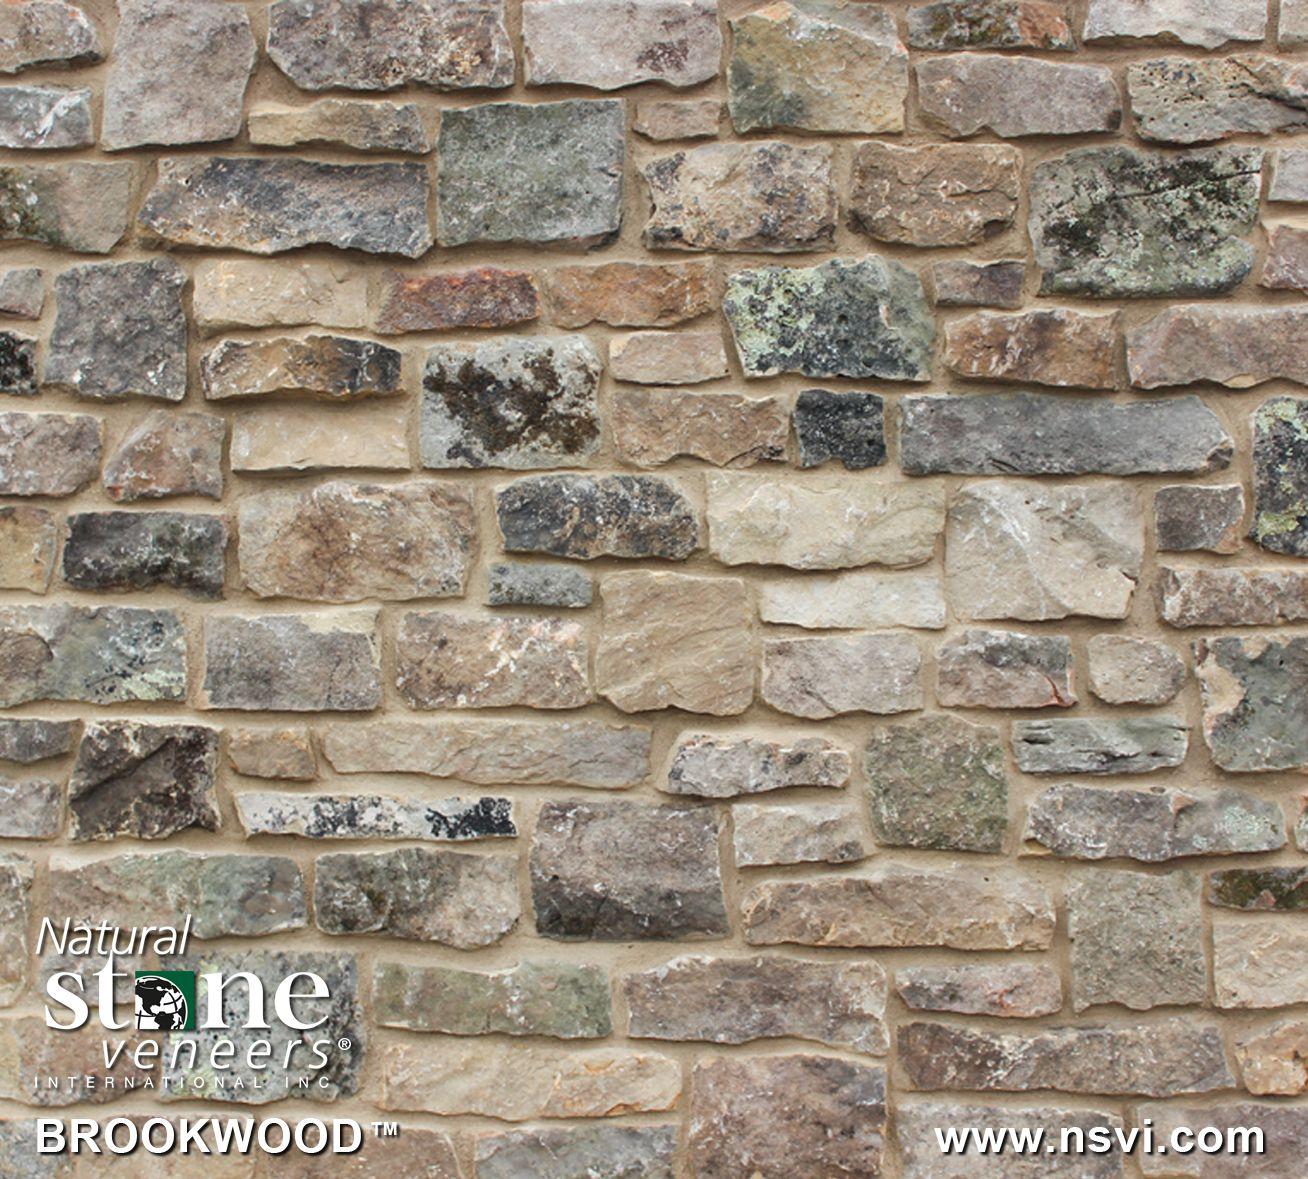 Brookwood Natural Stone Veneers Inc Natural Stone Veneer Stone Veneer Brookwood